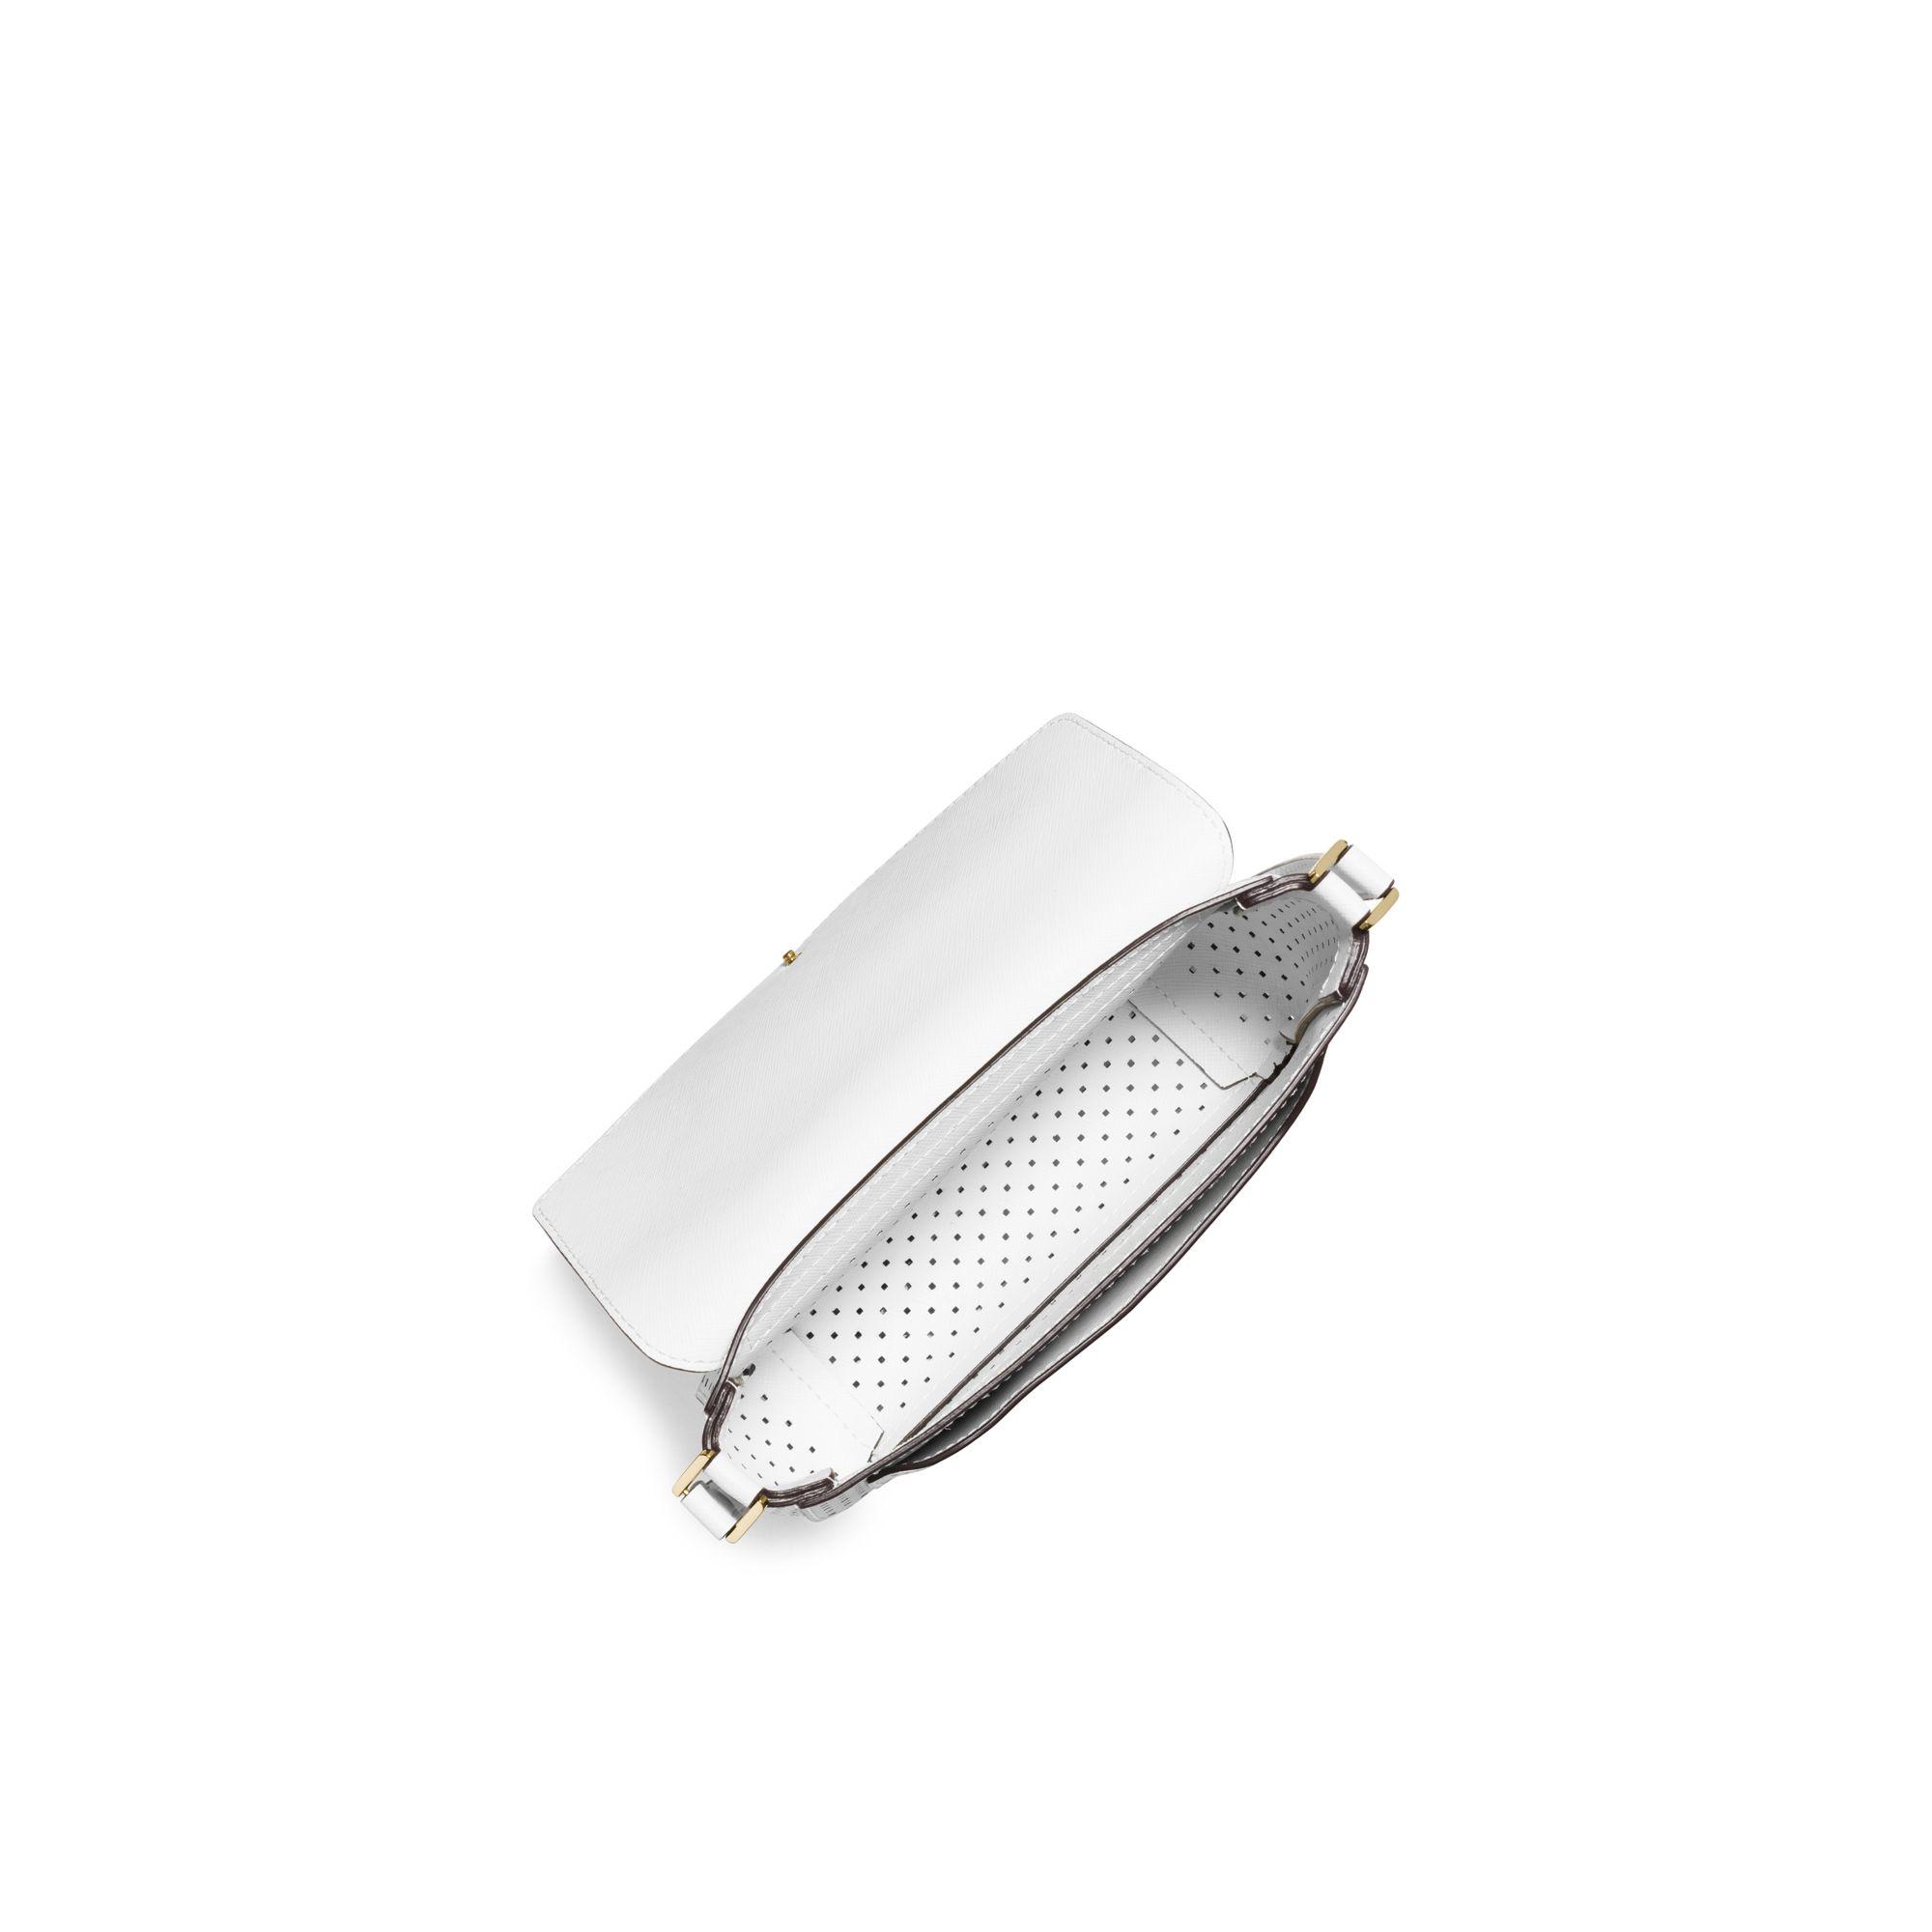 8694145474e1 Michael Kors Greenwich Small Saffiano Leather Crossbody in White - Lyst